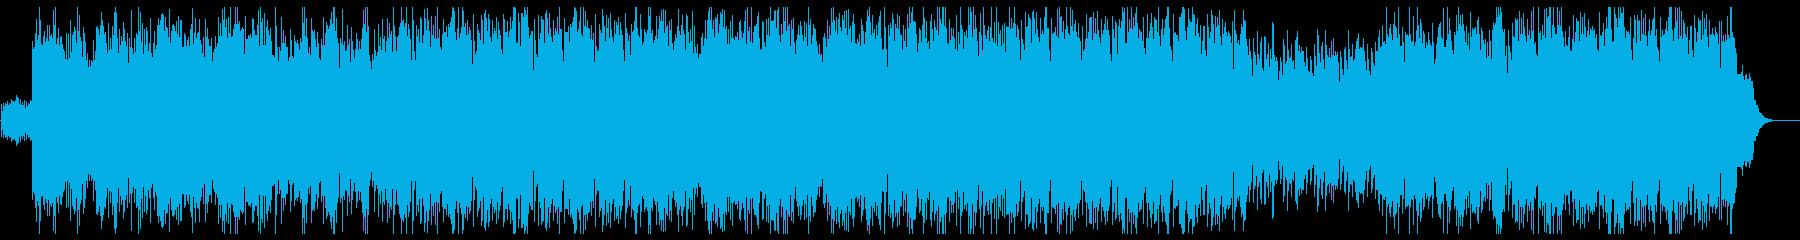 優しく美しいシンセサウンドの再生済みの波形